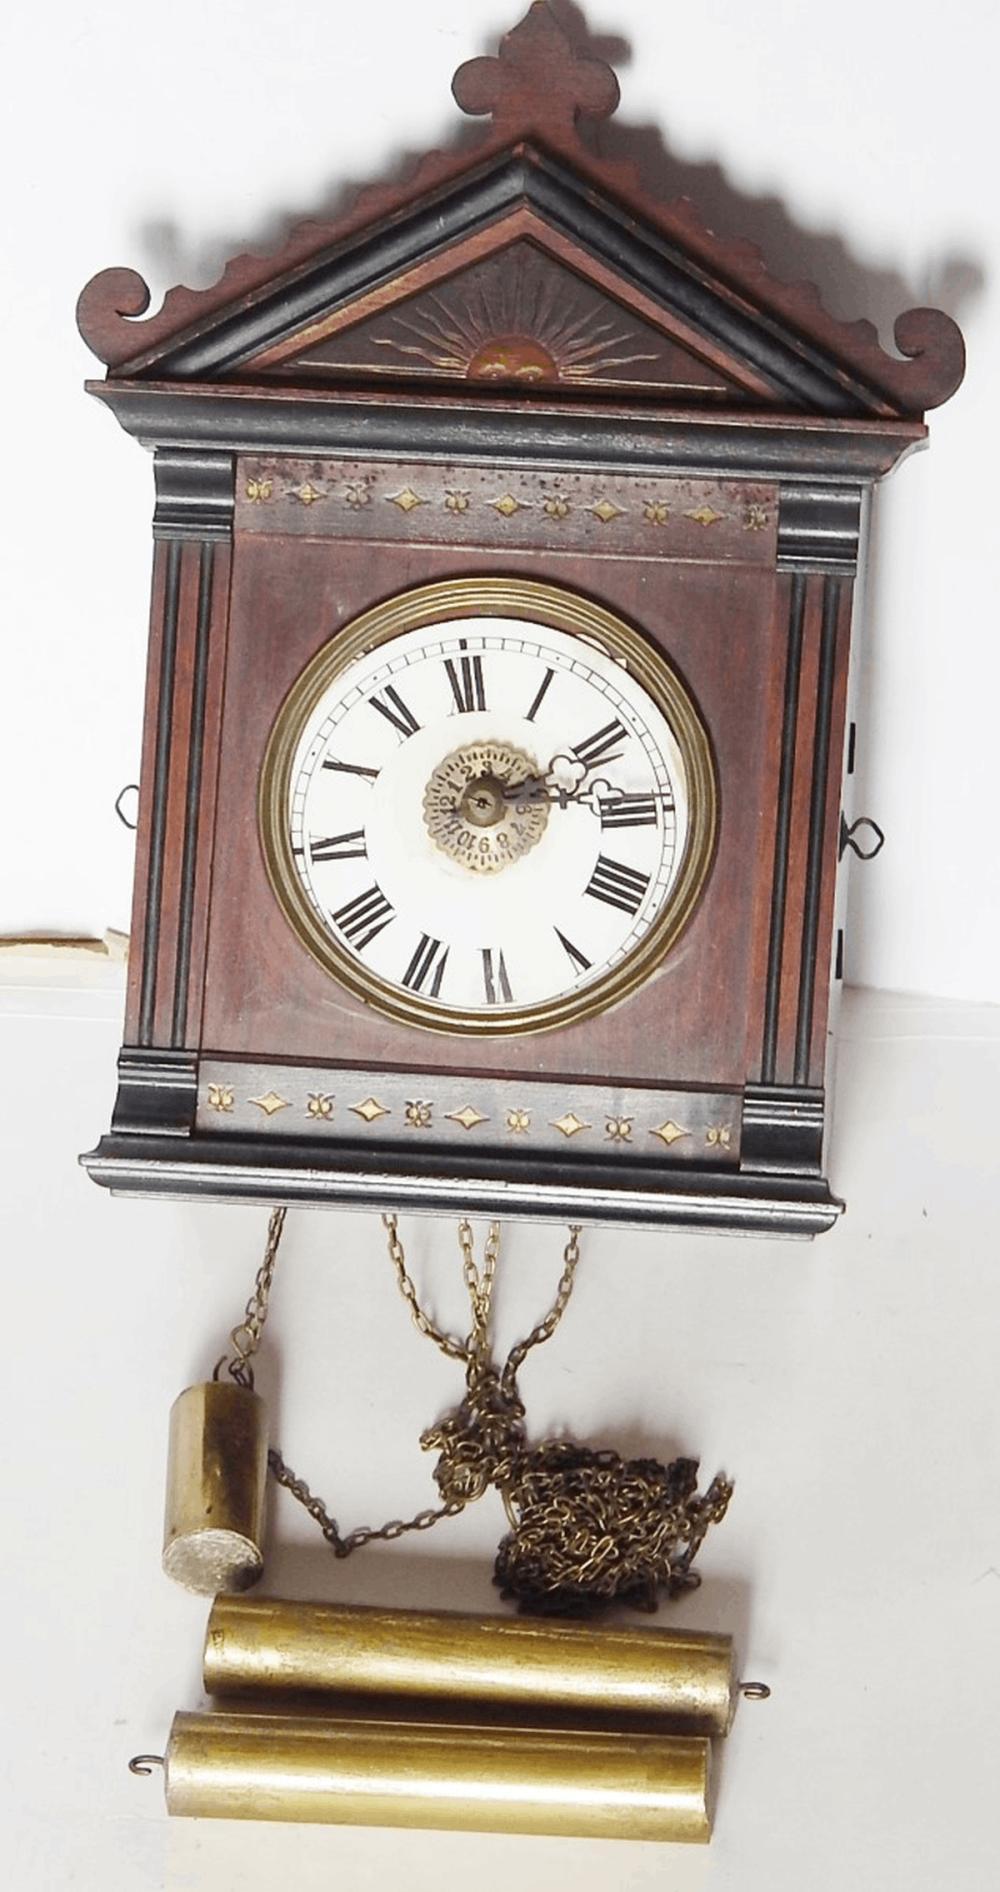 Schwarzwälder Wecker-Wanduhr mit Glockenschlag,um 1860,Höhe des Uhrengehäuses ca.34cm,mit 3 Messinggewichten